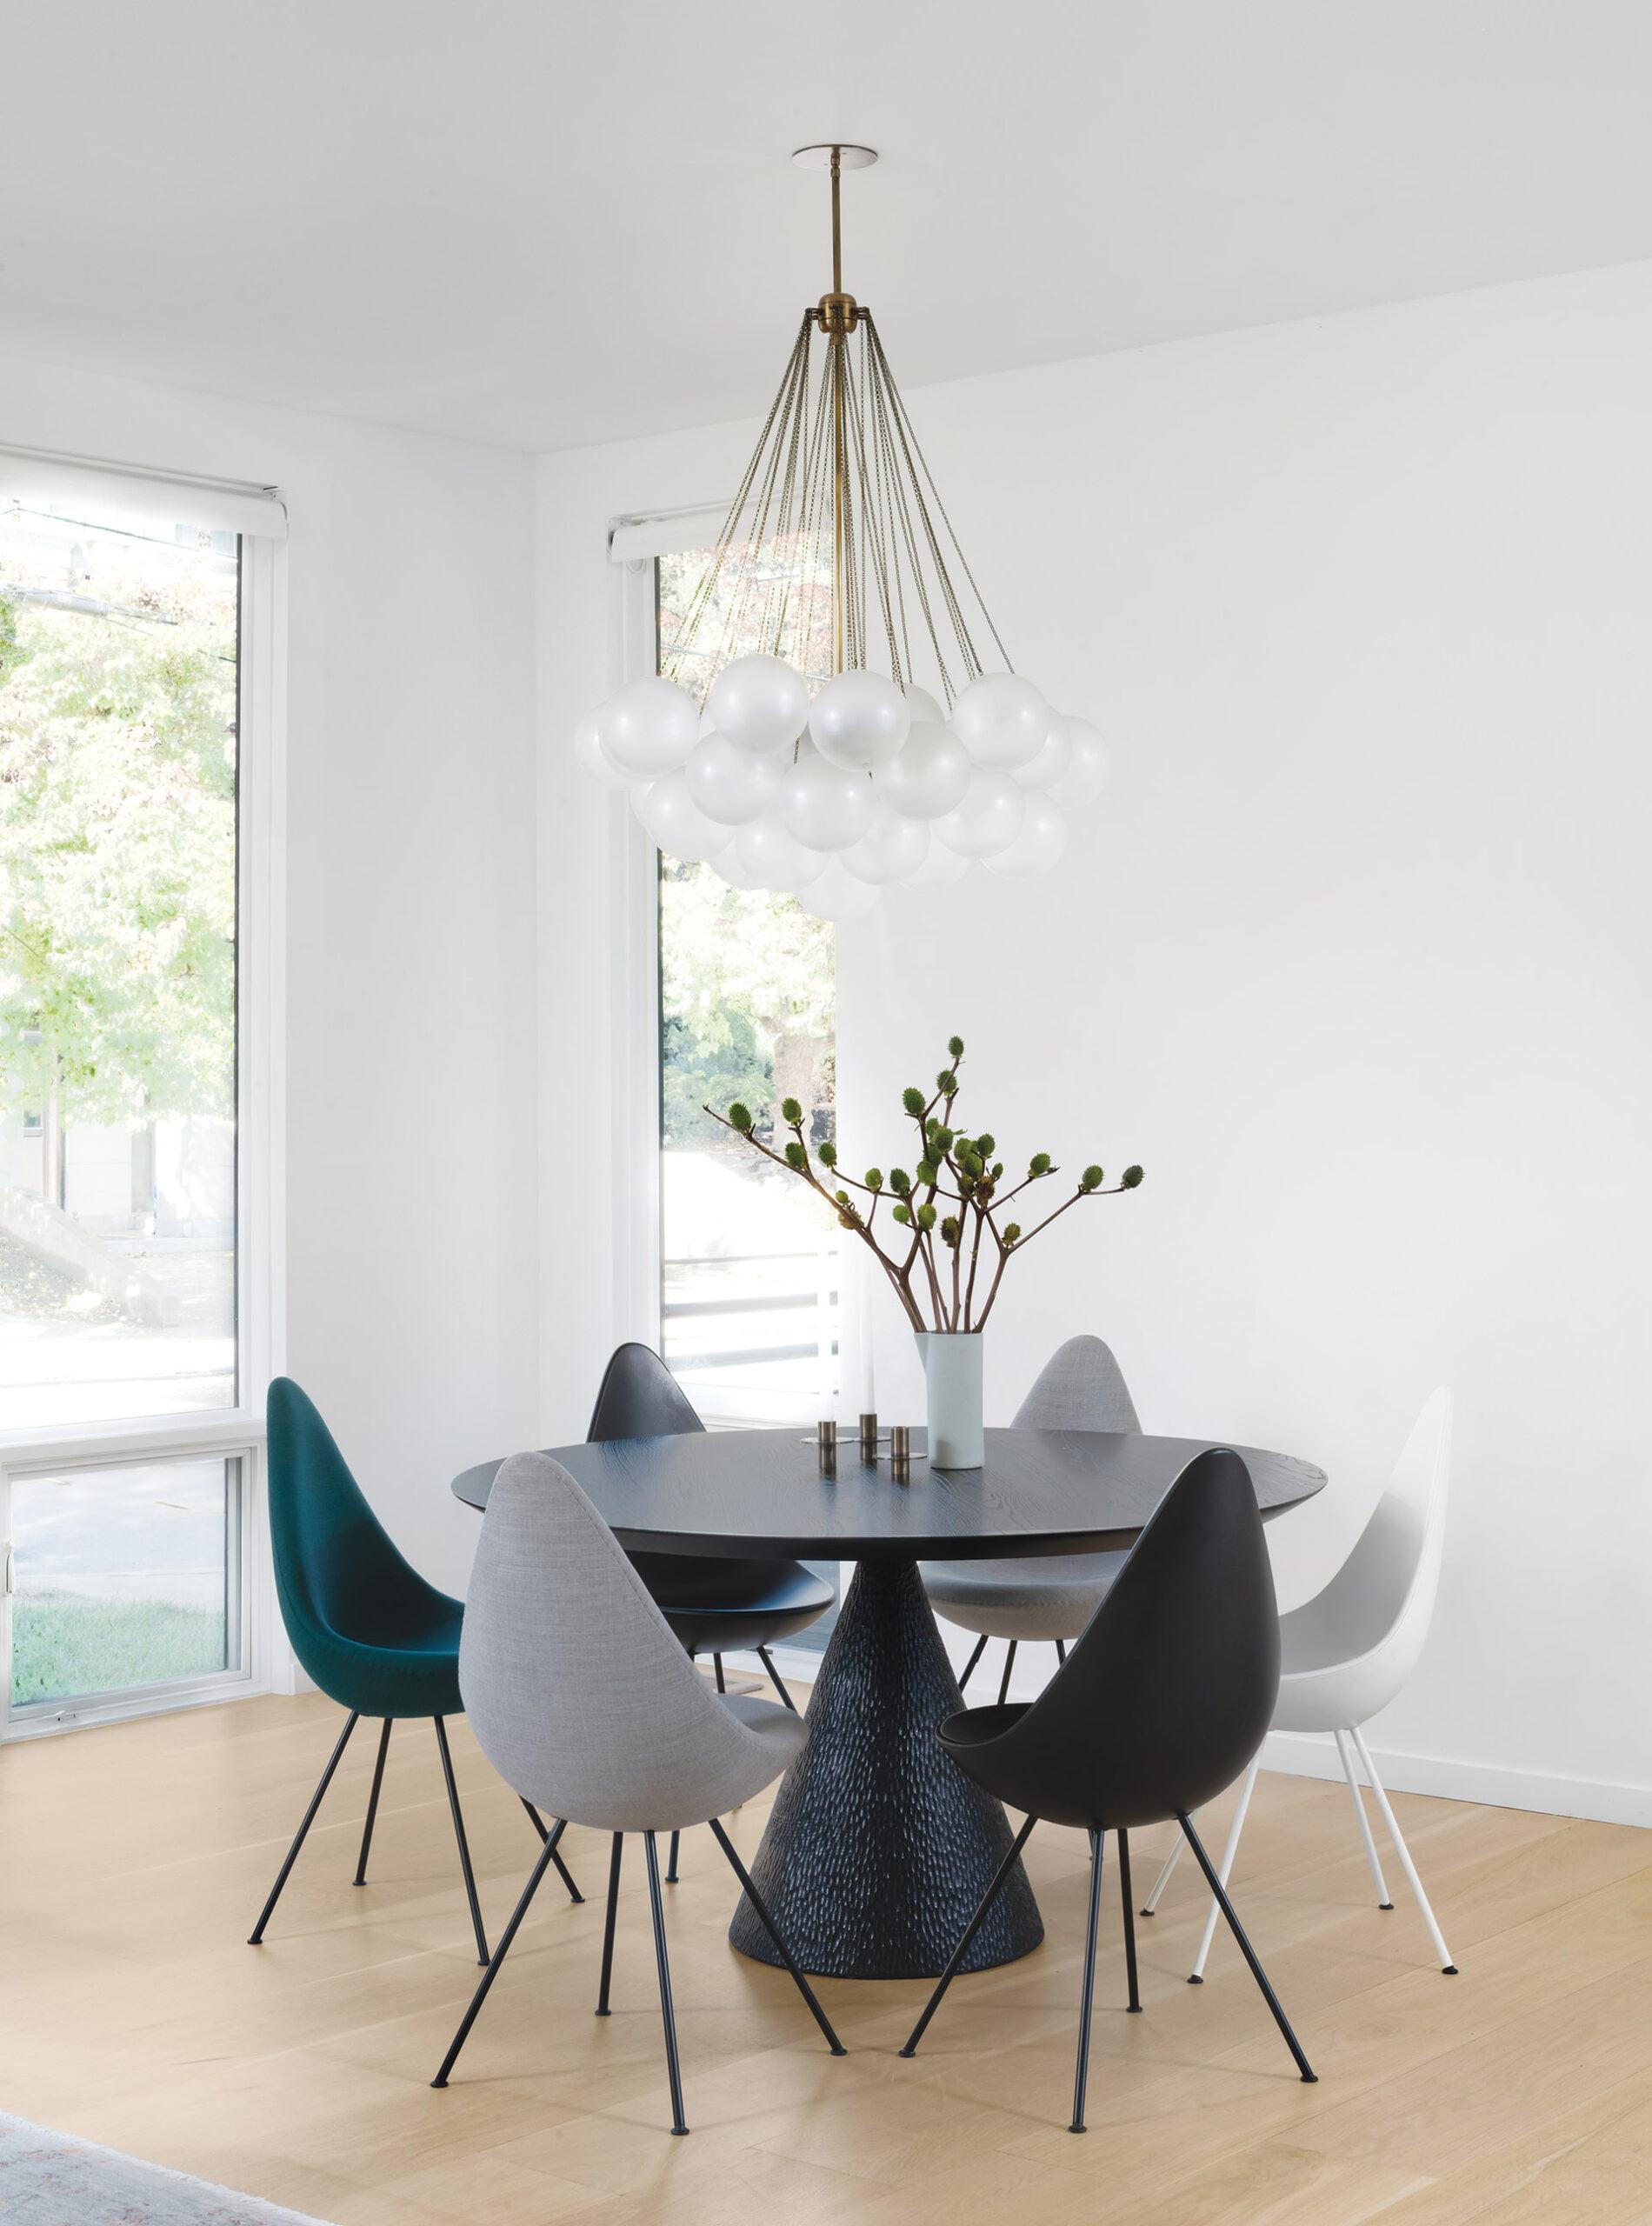 餐厅桌子和Arne Jacobsen Drop椅子在斯堪的纳维亚家具的kvadrat织物中布满;一个设备枝形吊灯